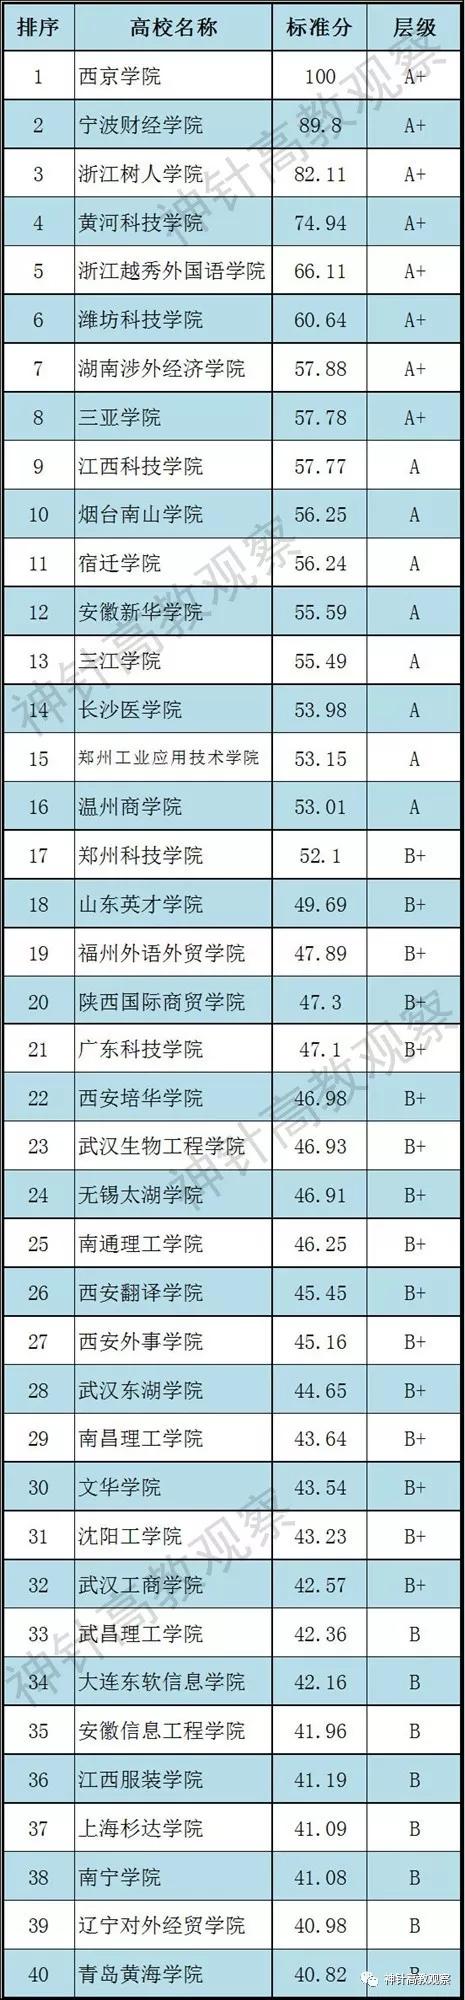 2019中国独立本科院校科研竞争力